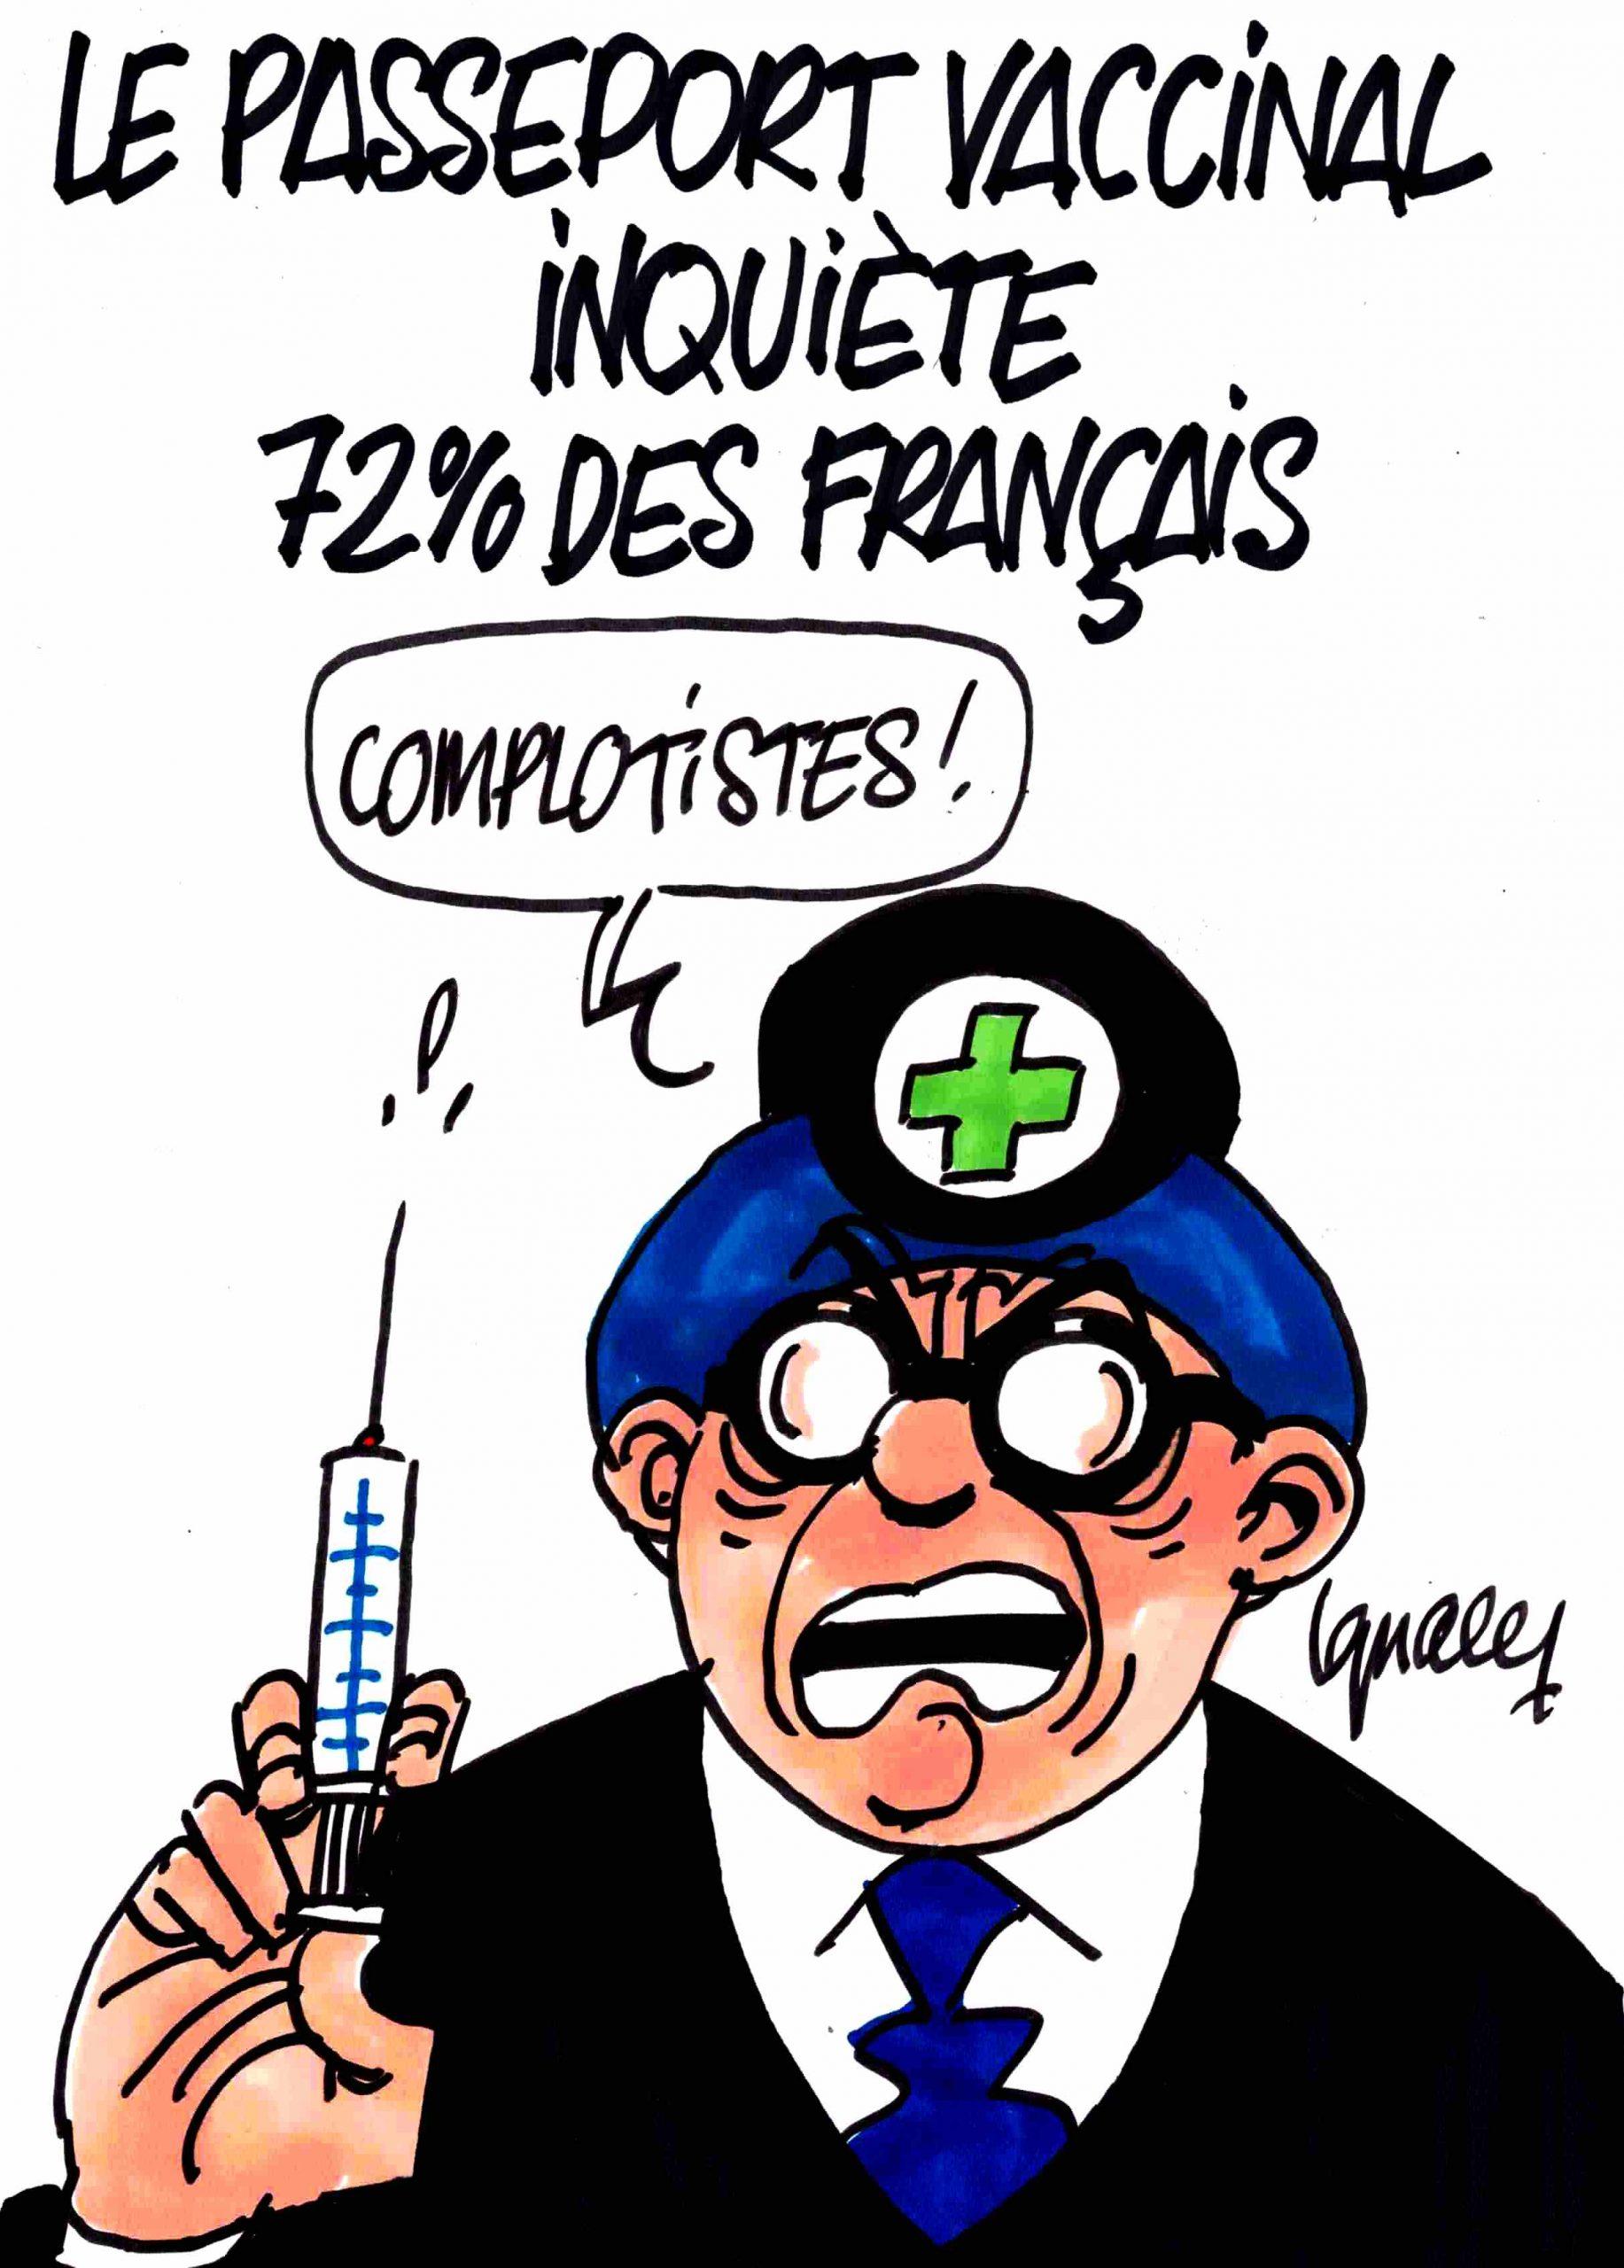 Ignace - Le passeport vaccinal inquiète 72% des Français